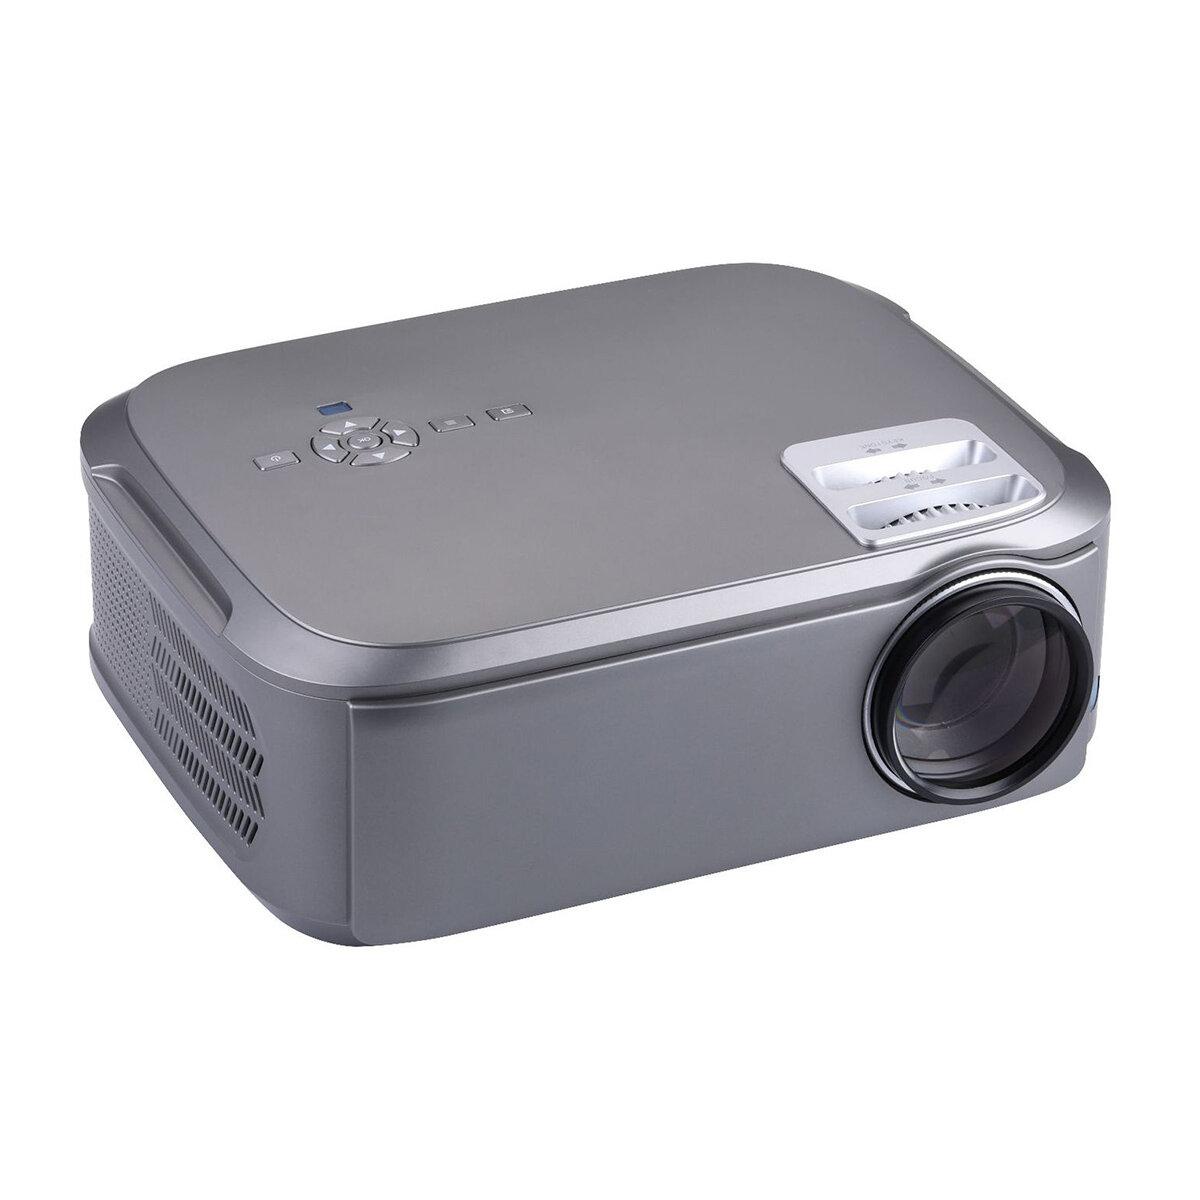 UHAPPY U76 LCD Mini Projector 1920x1080dpi 1080P HD 3500 Lumens LED Projector Home Mini Theater HDMI USB AV VGA Android System